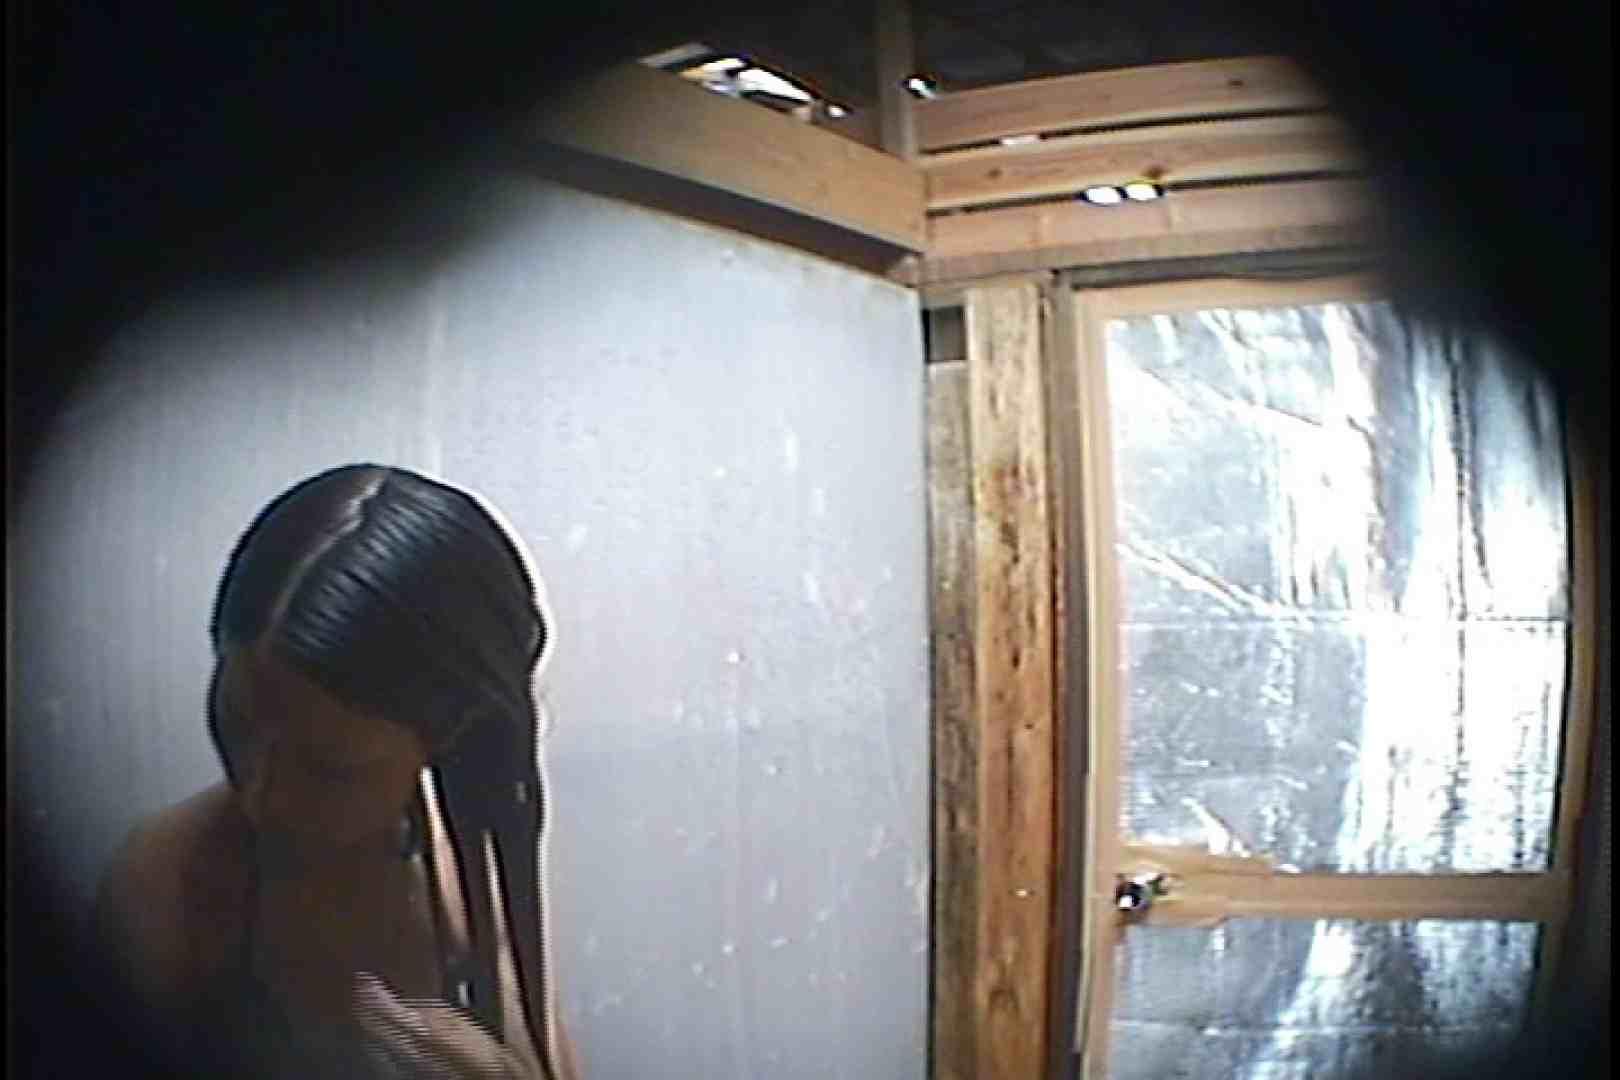 海の家の更衣室 Vol.45 OLの実態 盗撮われめAV動画紹介 90pic 53